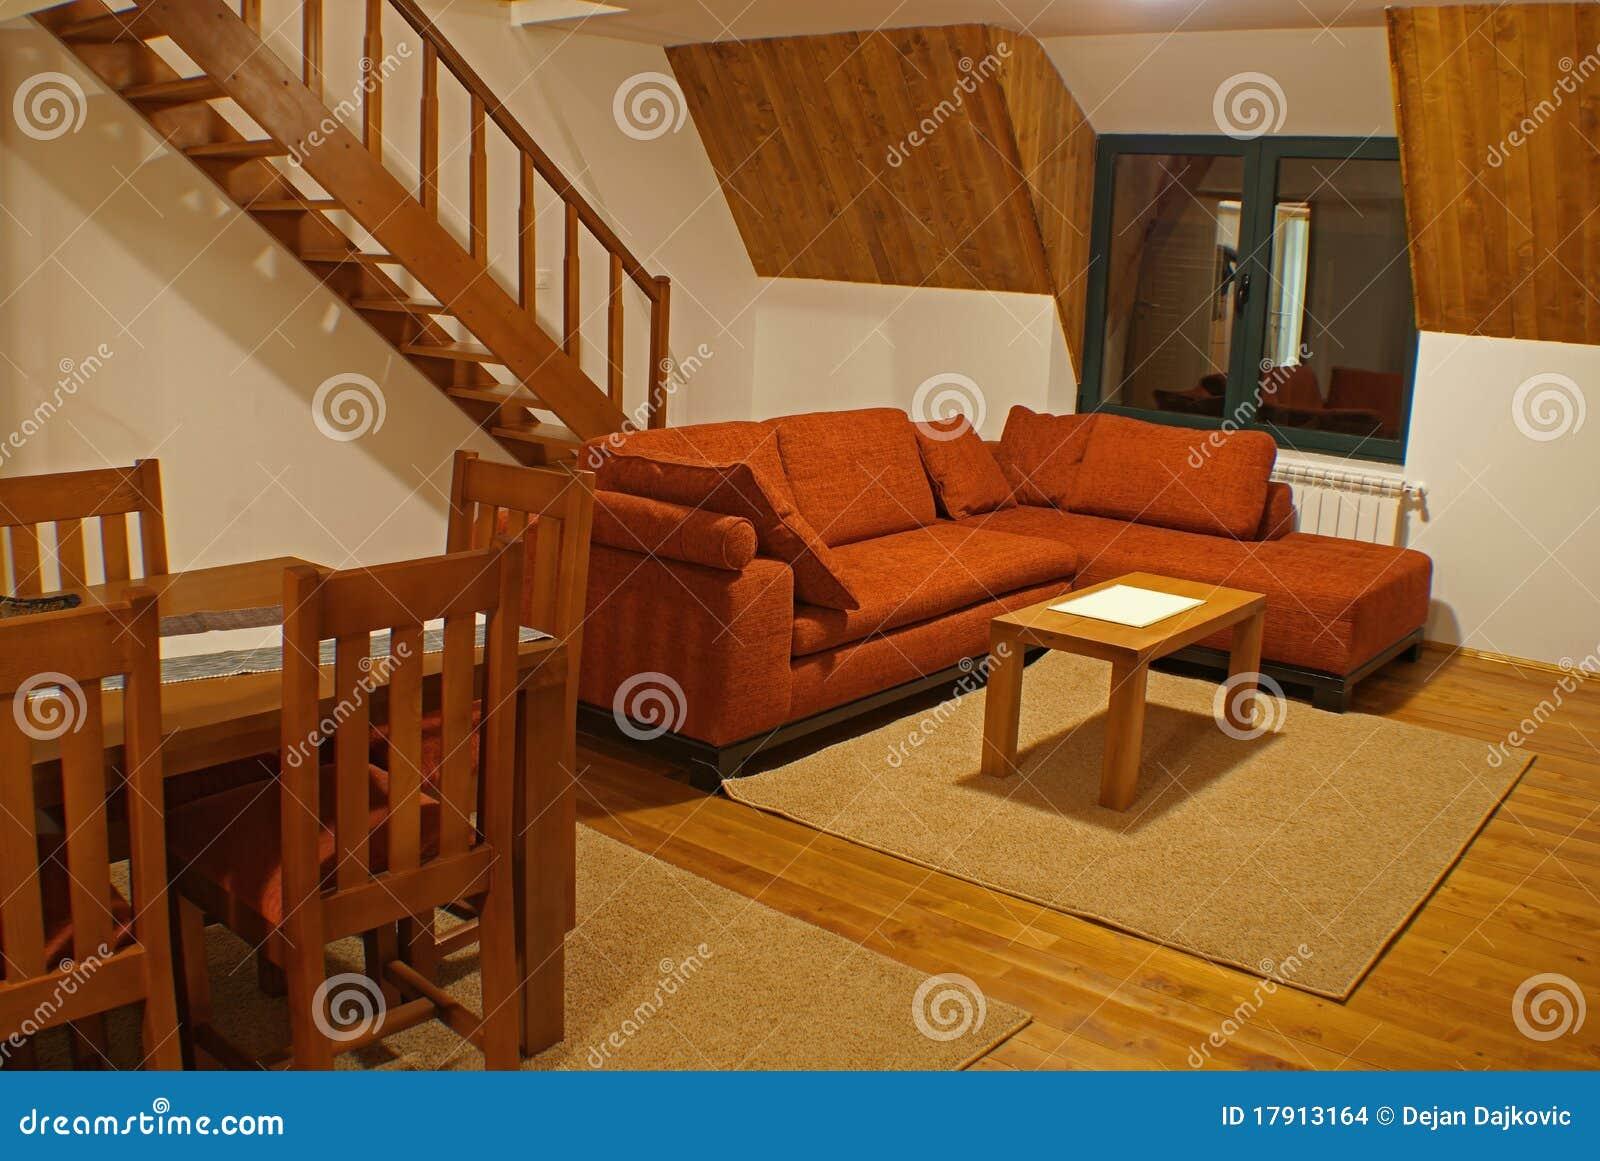 Wohnzimmer Und Treppen